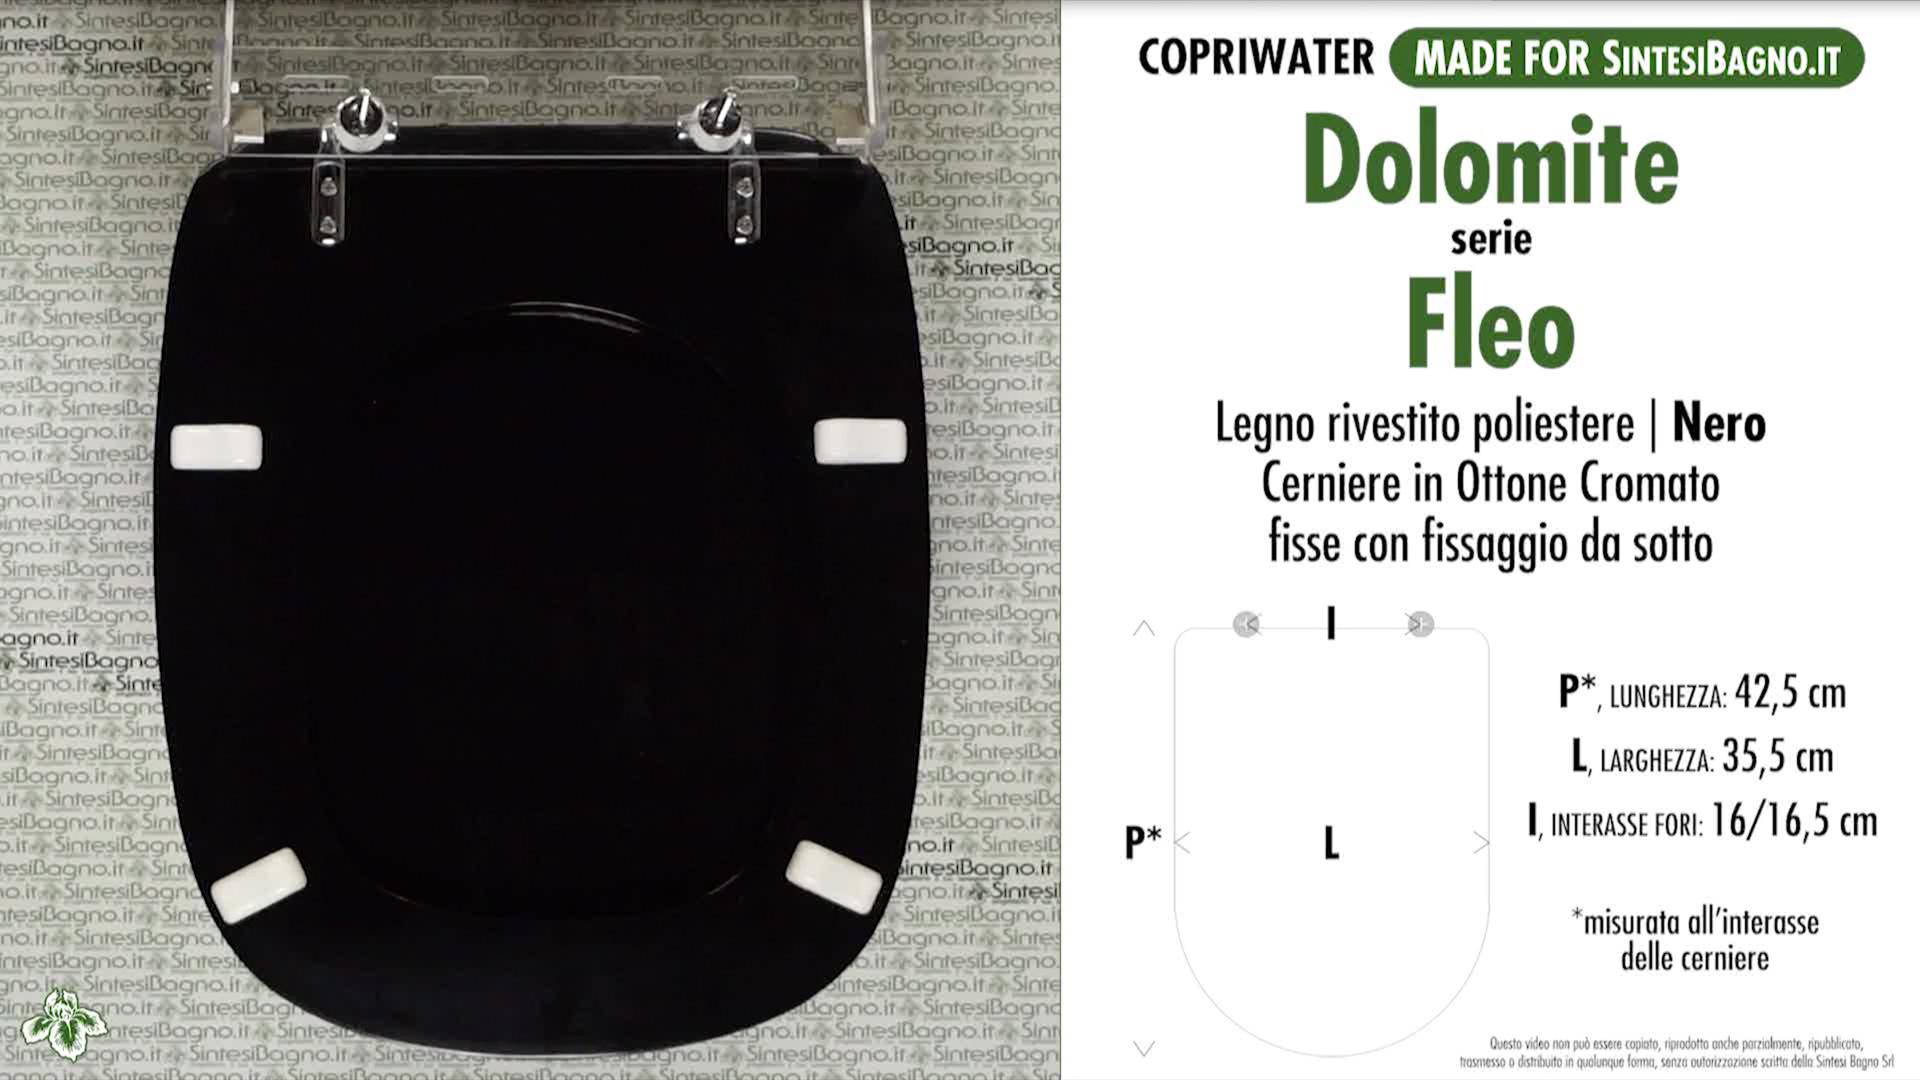 Sedile Wc Dolomite Fleo.Copriwater Per Wc Fleo Dolomite Nero Ricambio Dedicato Legno Rivestito Sintesibagno Shop Online